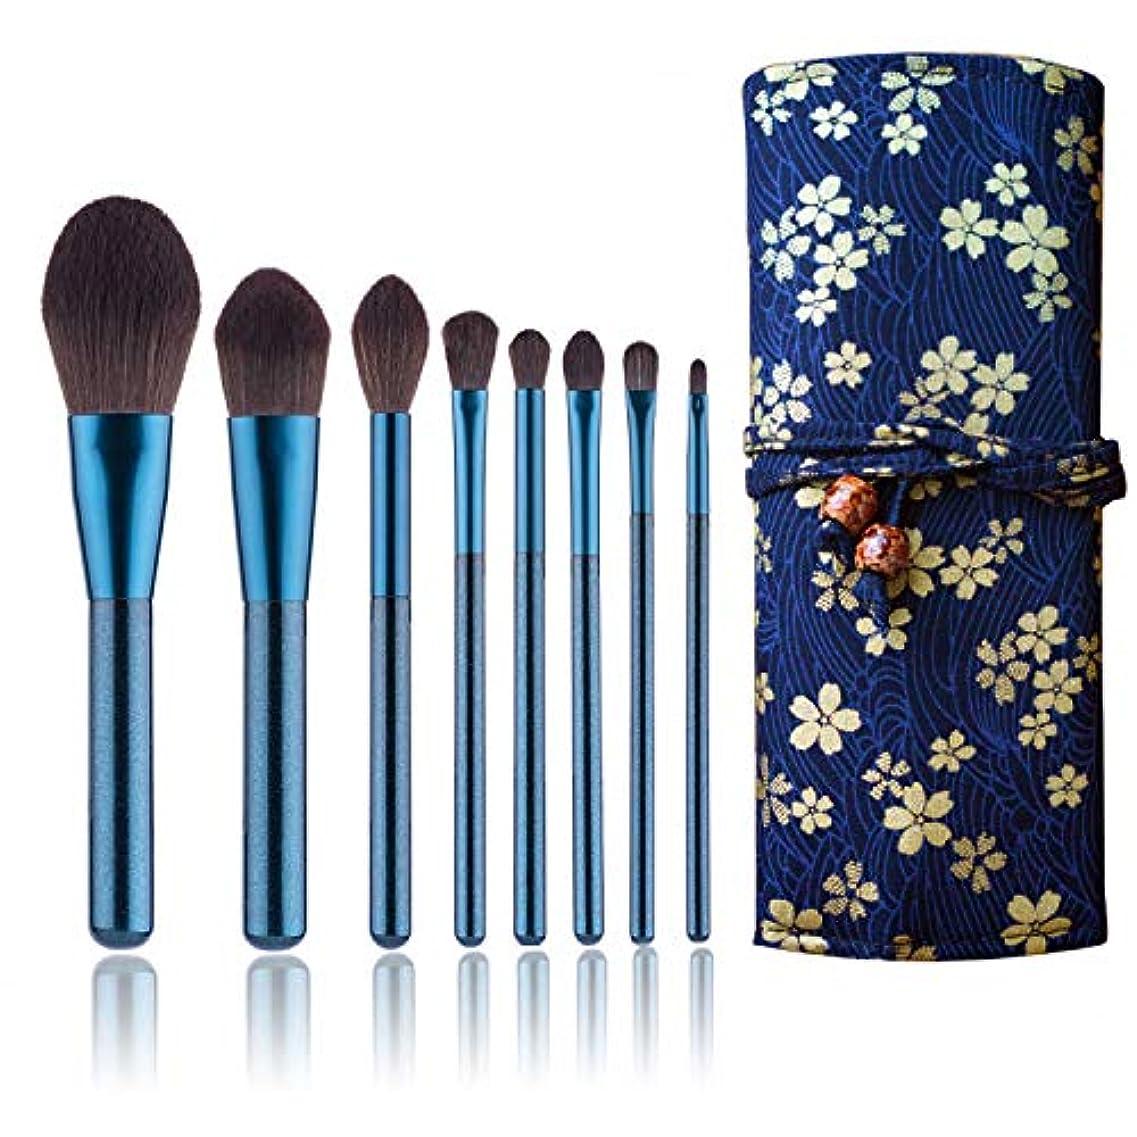 メール怠囲まれたZOE·Y メイクブラシ 8本セット 化粧ブラシ 柔らかい 化粧筆 可愛い 化粧ポーチ付き 携帯便利 誕生日プレゼントゃギフトにもおすすめ makeup brushes